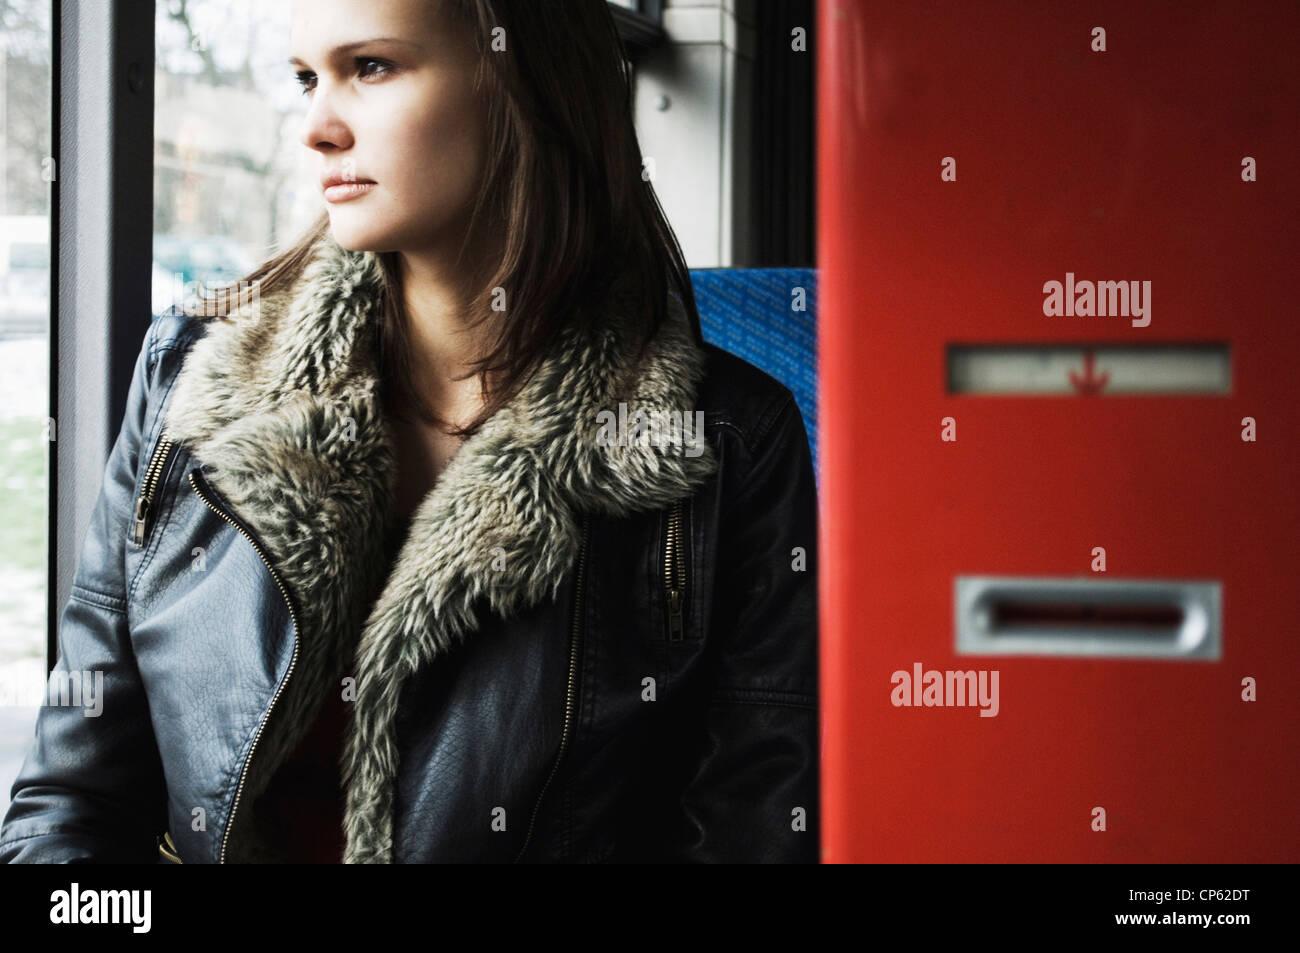 Deutschland, Düsseldorf, junge Frau im öffentlichen bus Stockbild